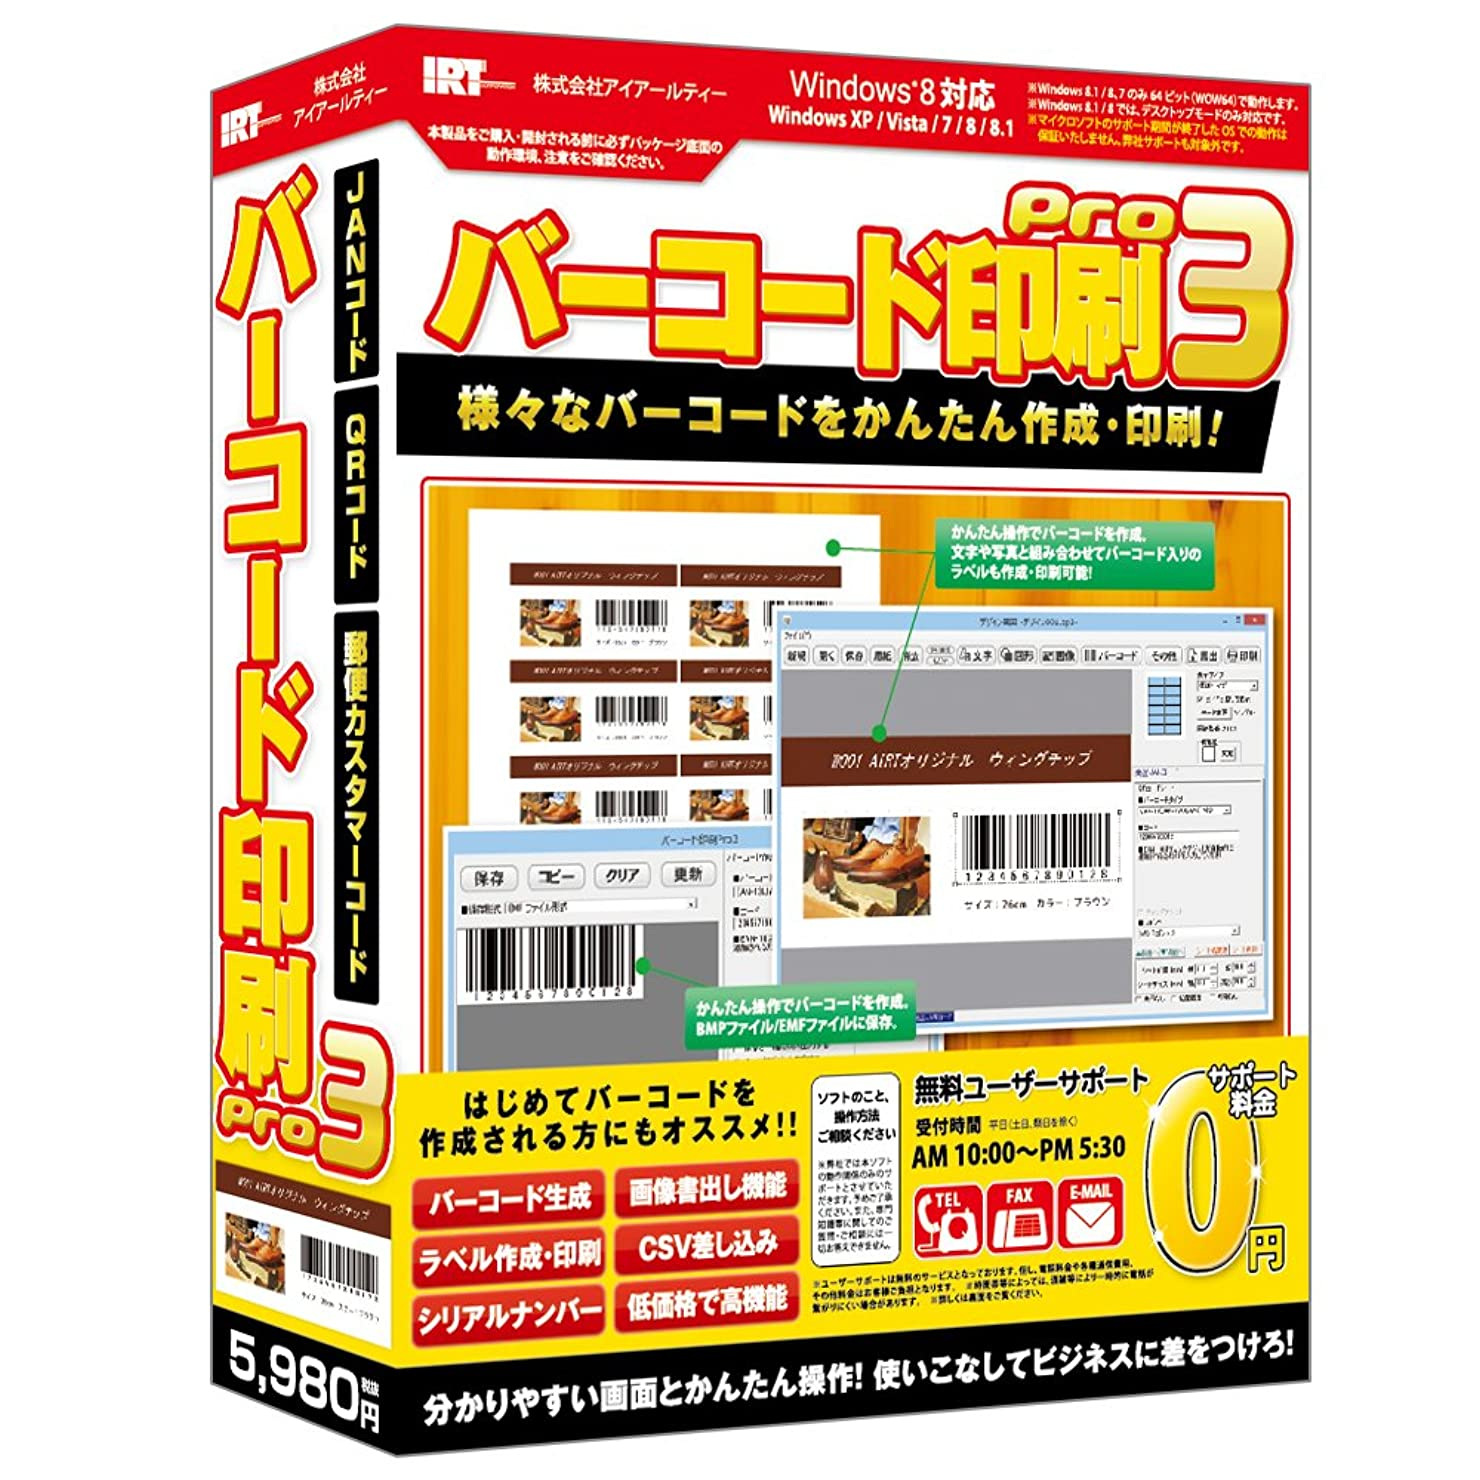 換気中間フィルタバーコード印刷Pro3